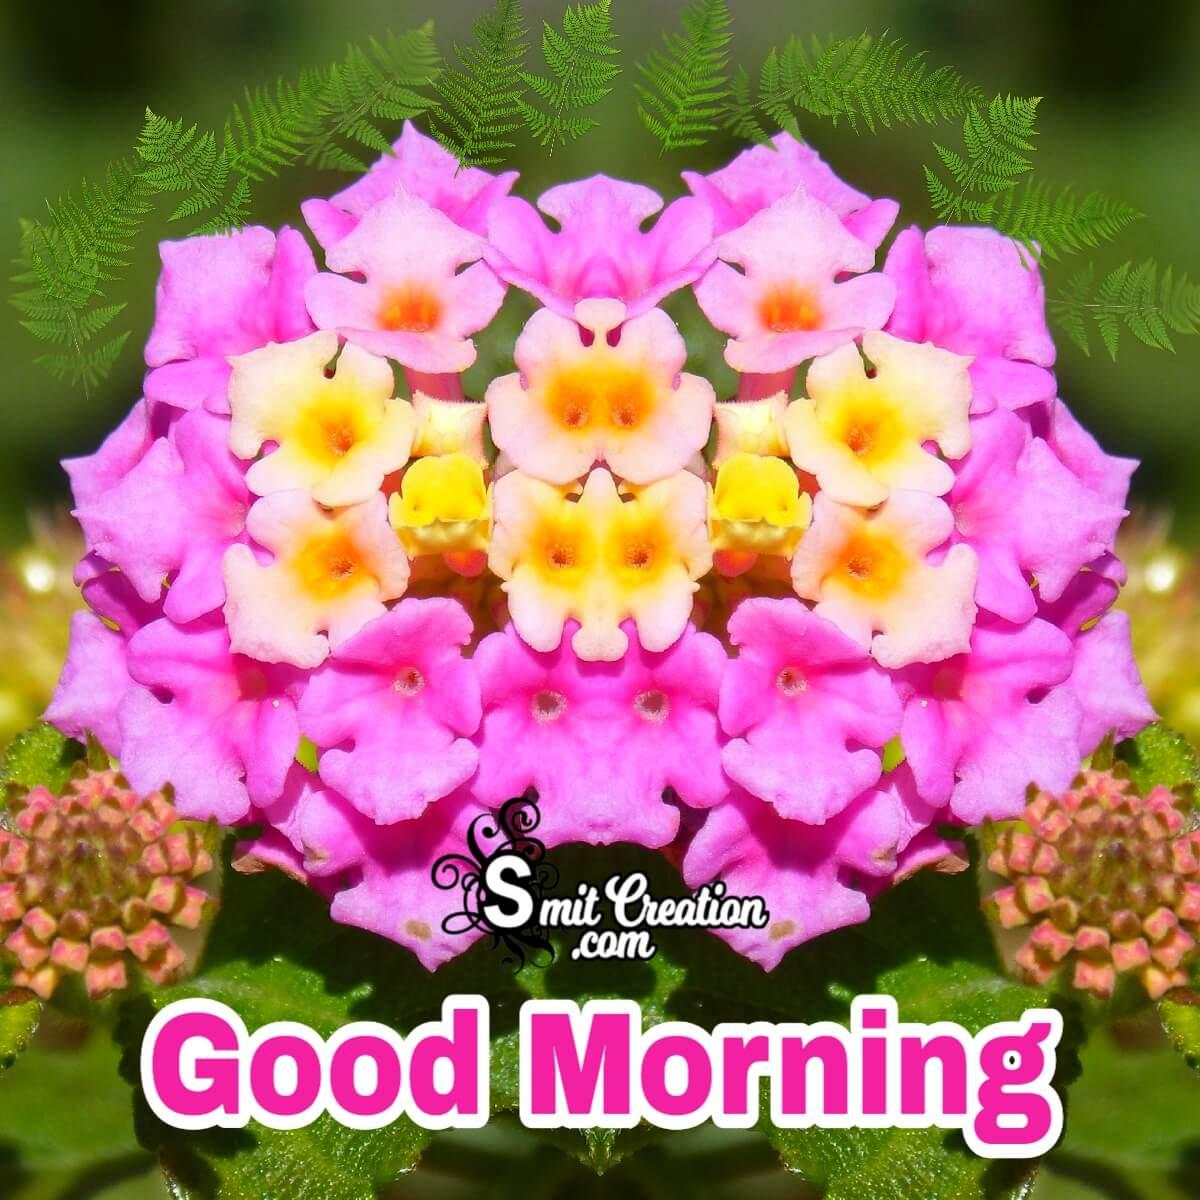 Good Morning Lantana Flower Lovely Image